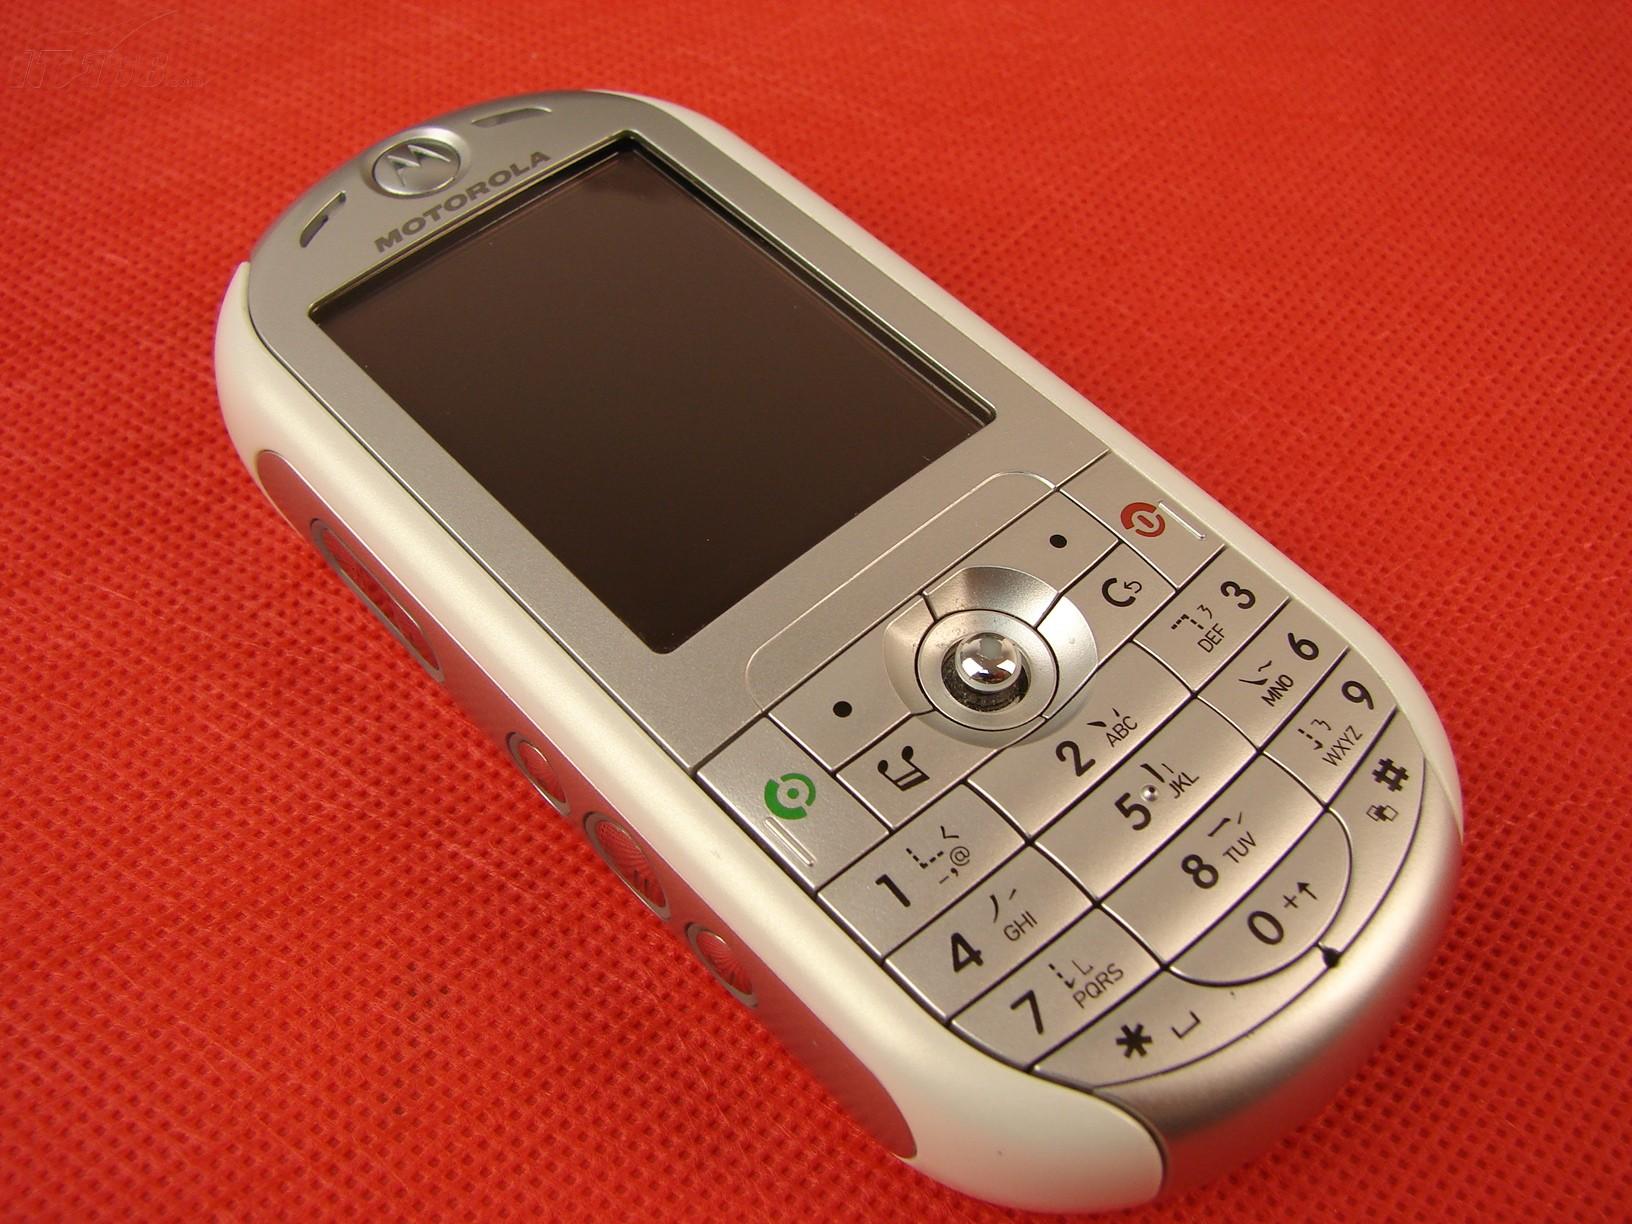 motorokr e2手机产品图片16素材-it168手机图片大全